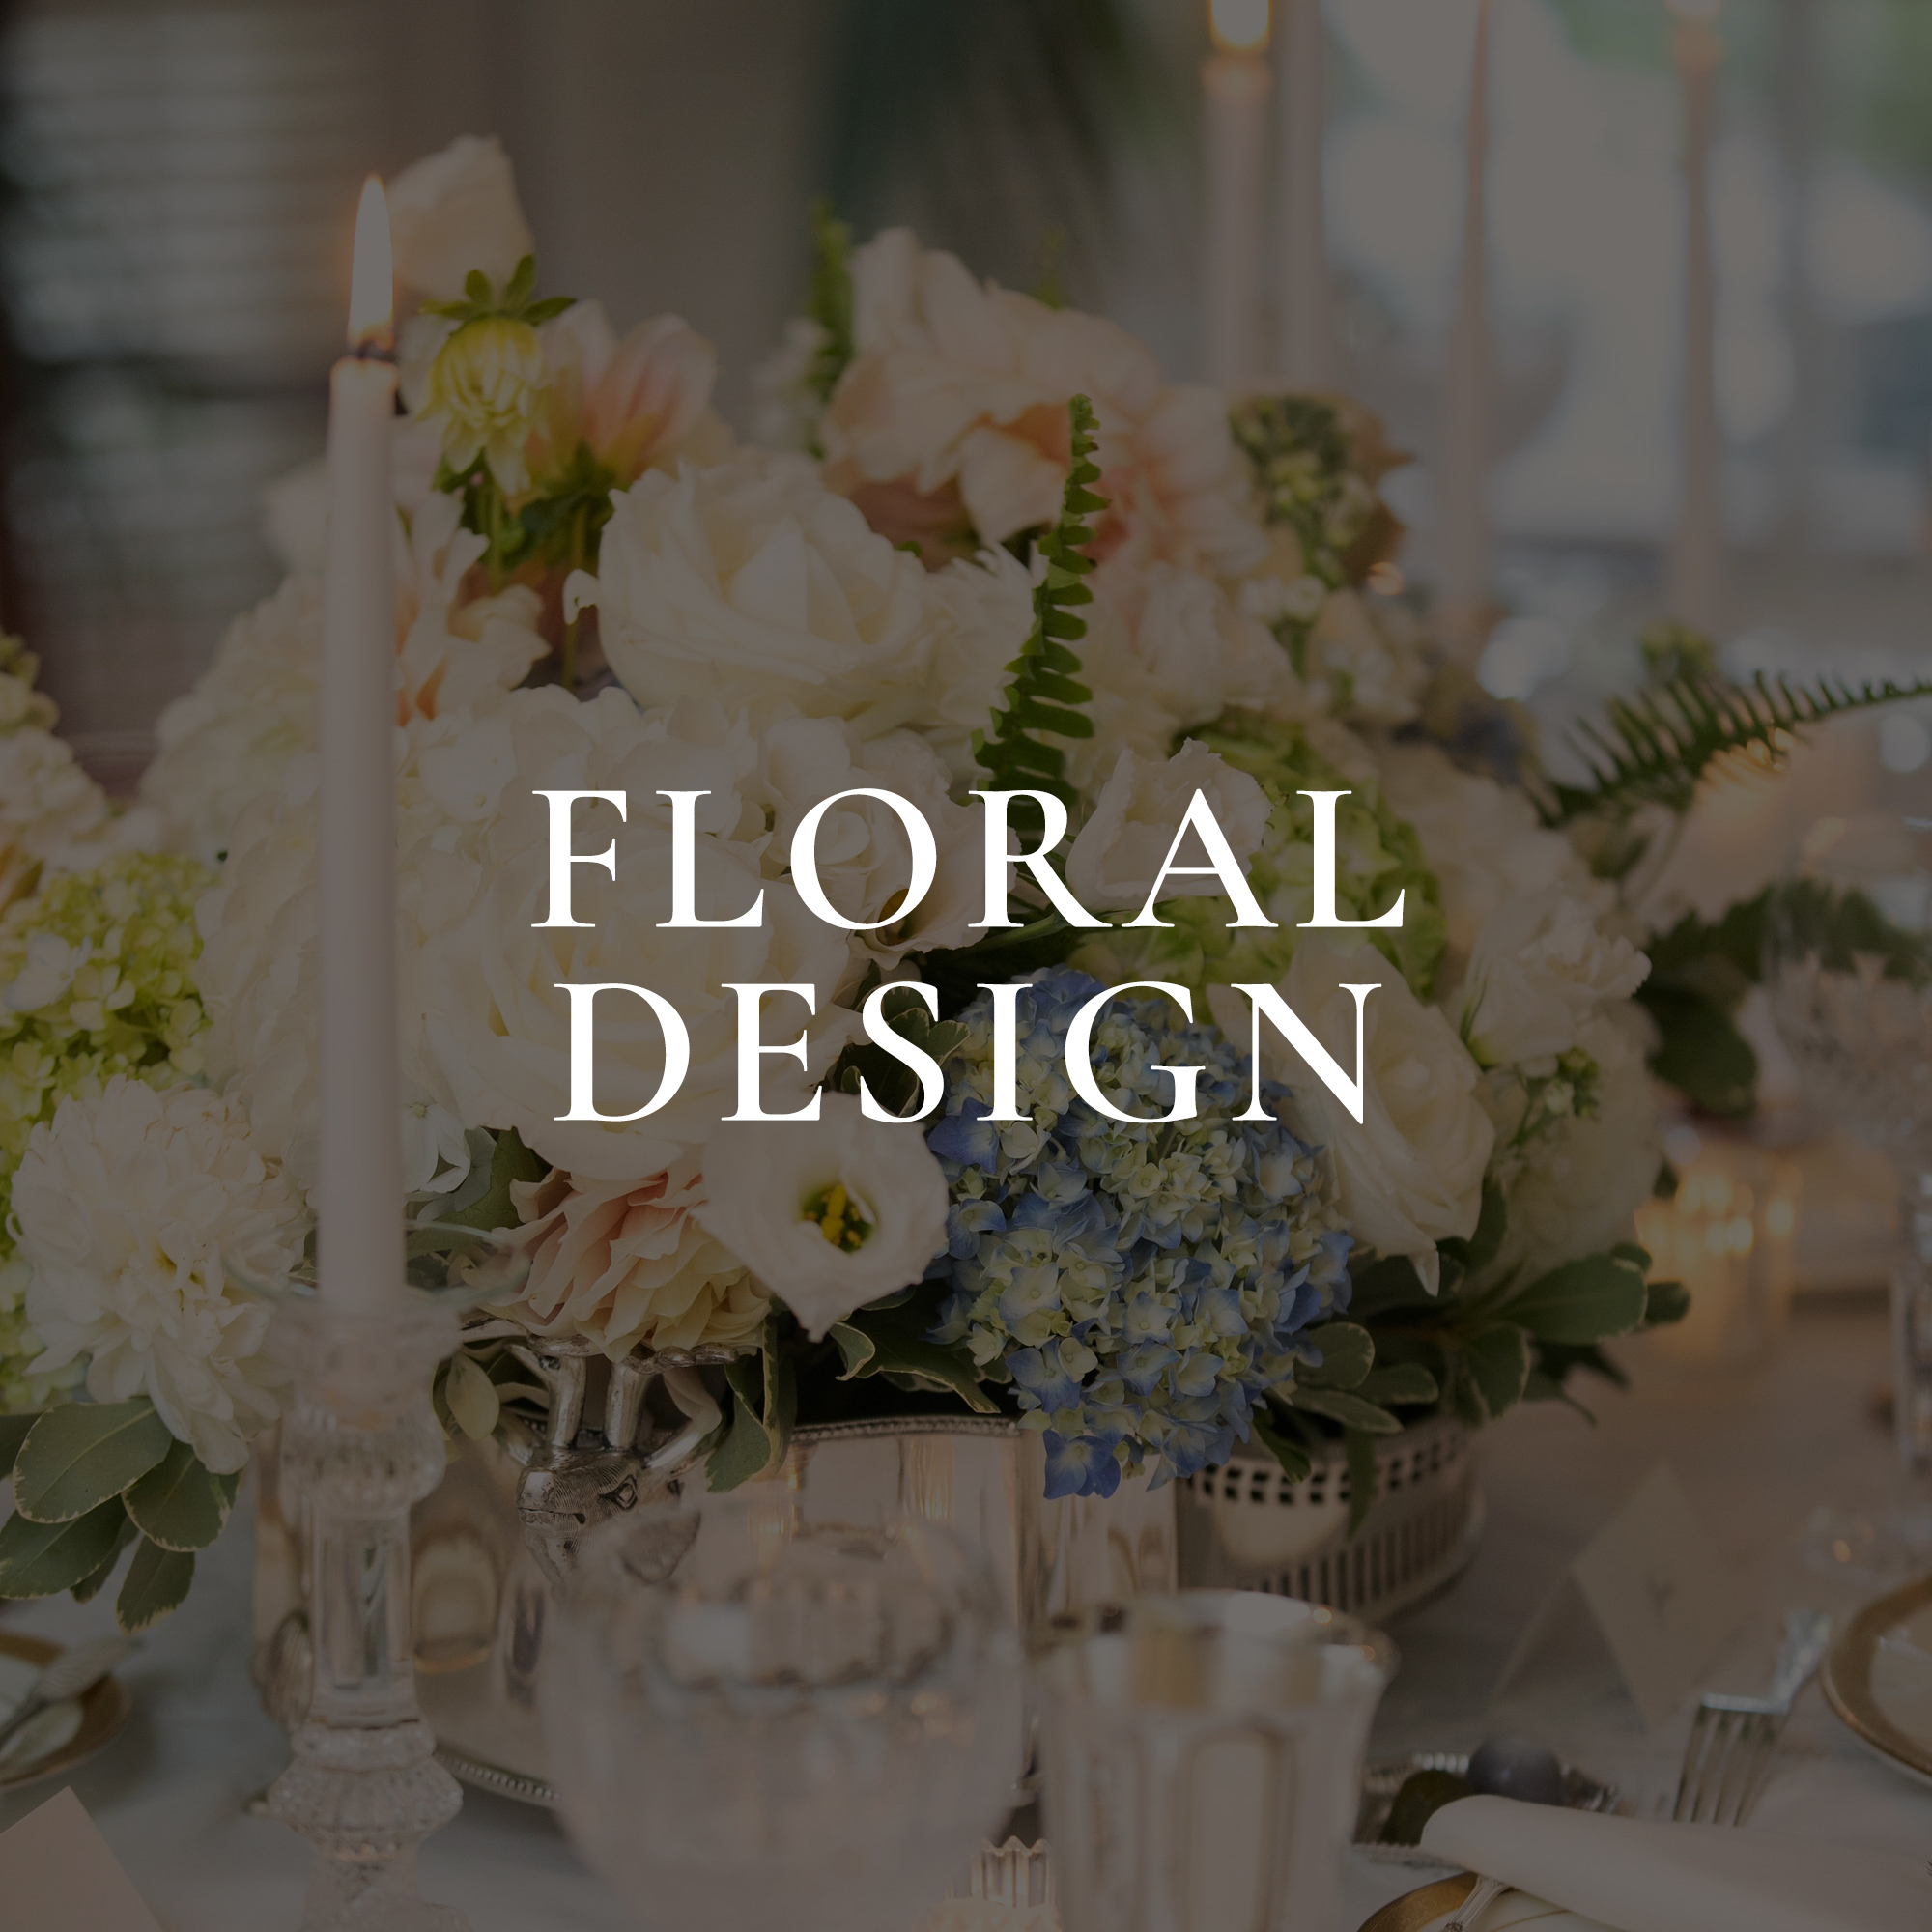 Floral Design Home